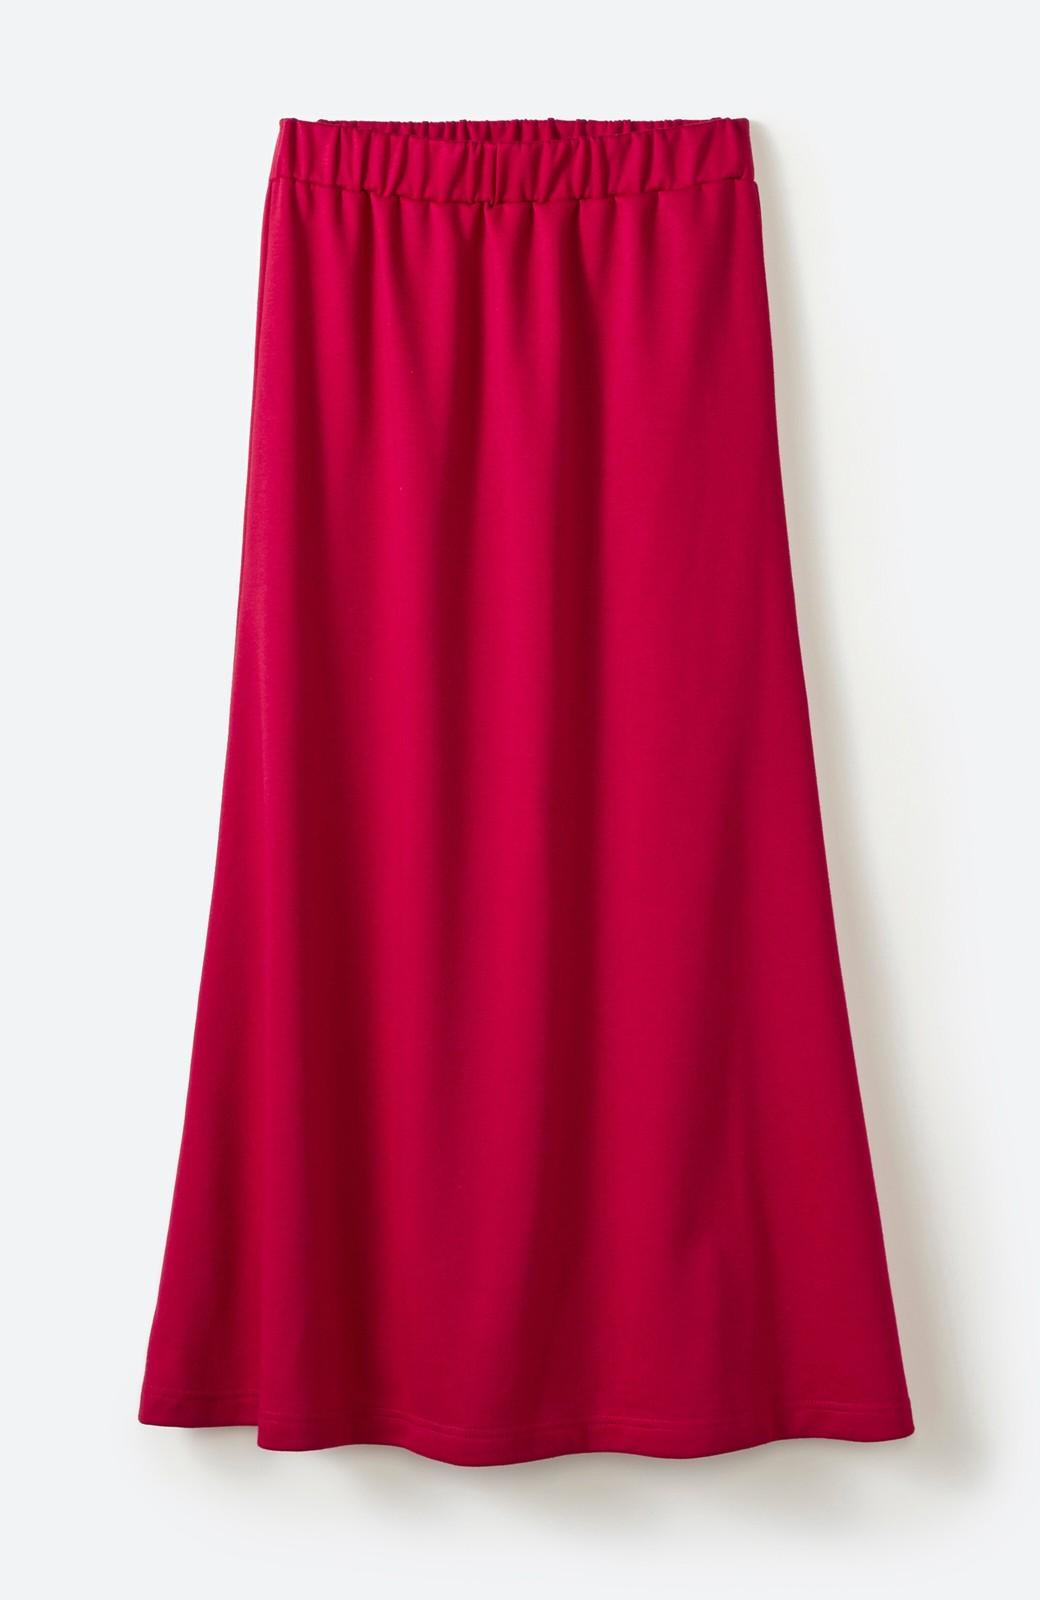 haco! 【洗濯機洗い可】日々に彩りをプラス!おしゃれ度と気分を上げてくれる綺麗色スカート <レッド>の商品写真19